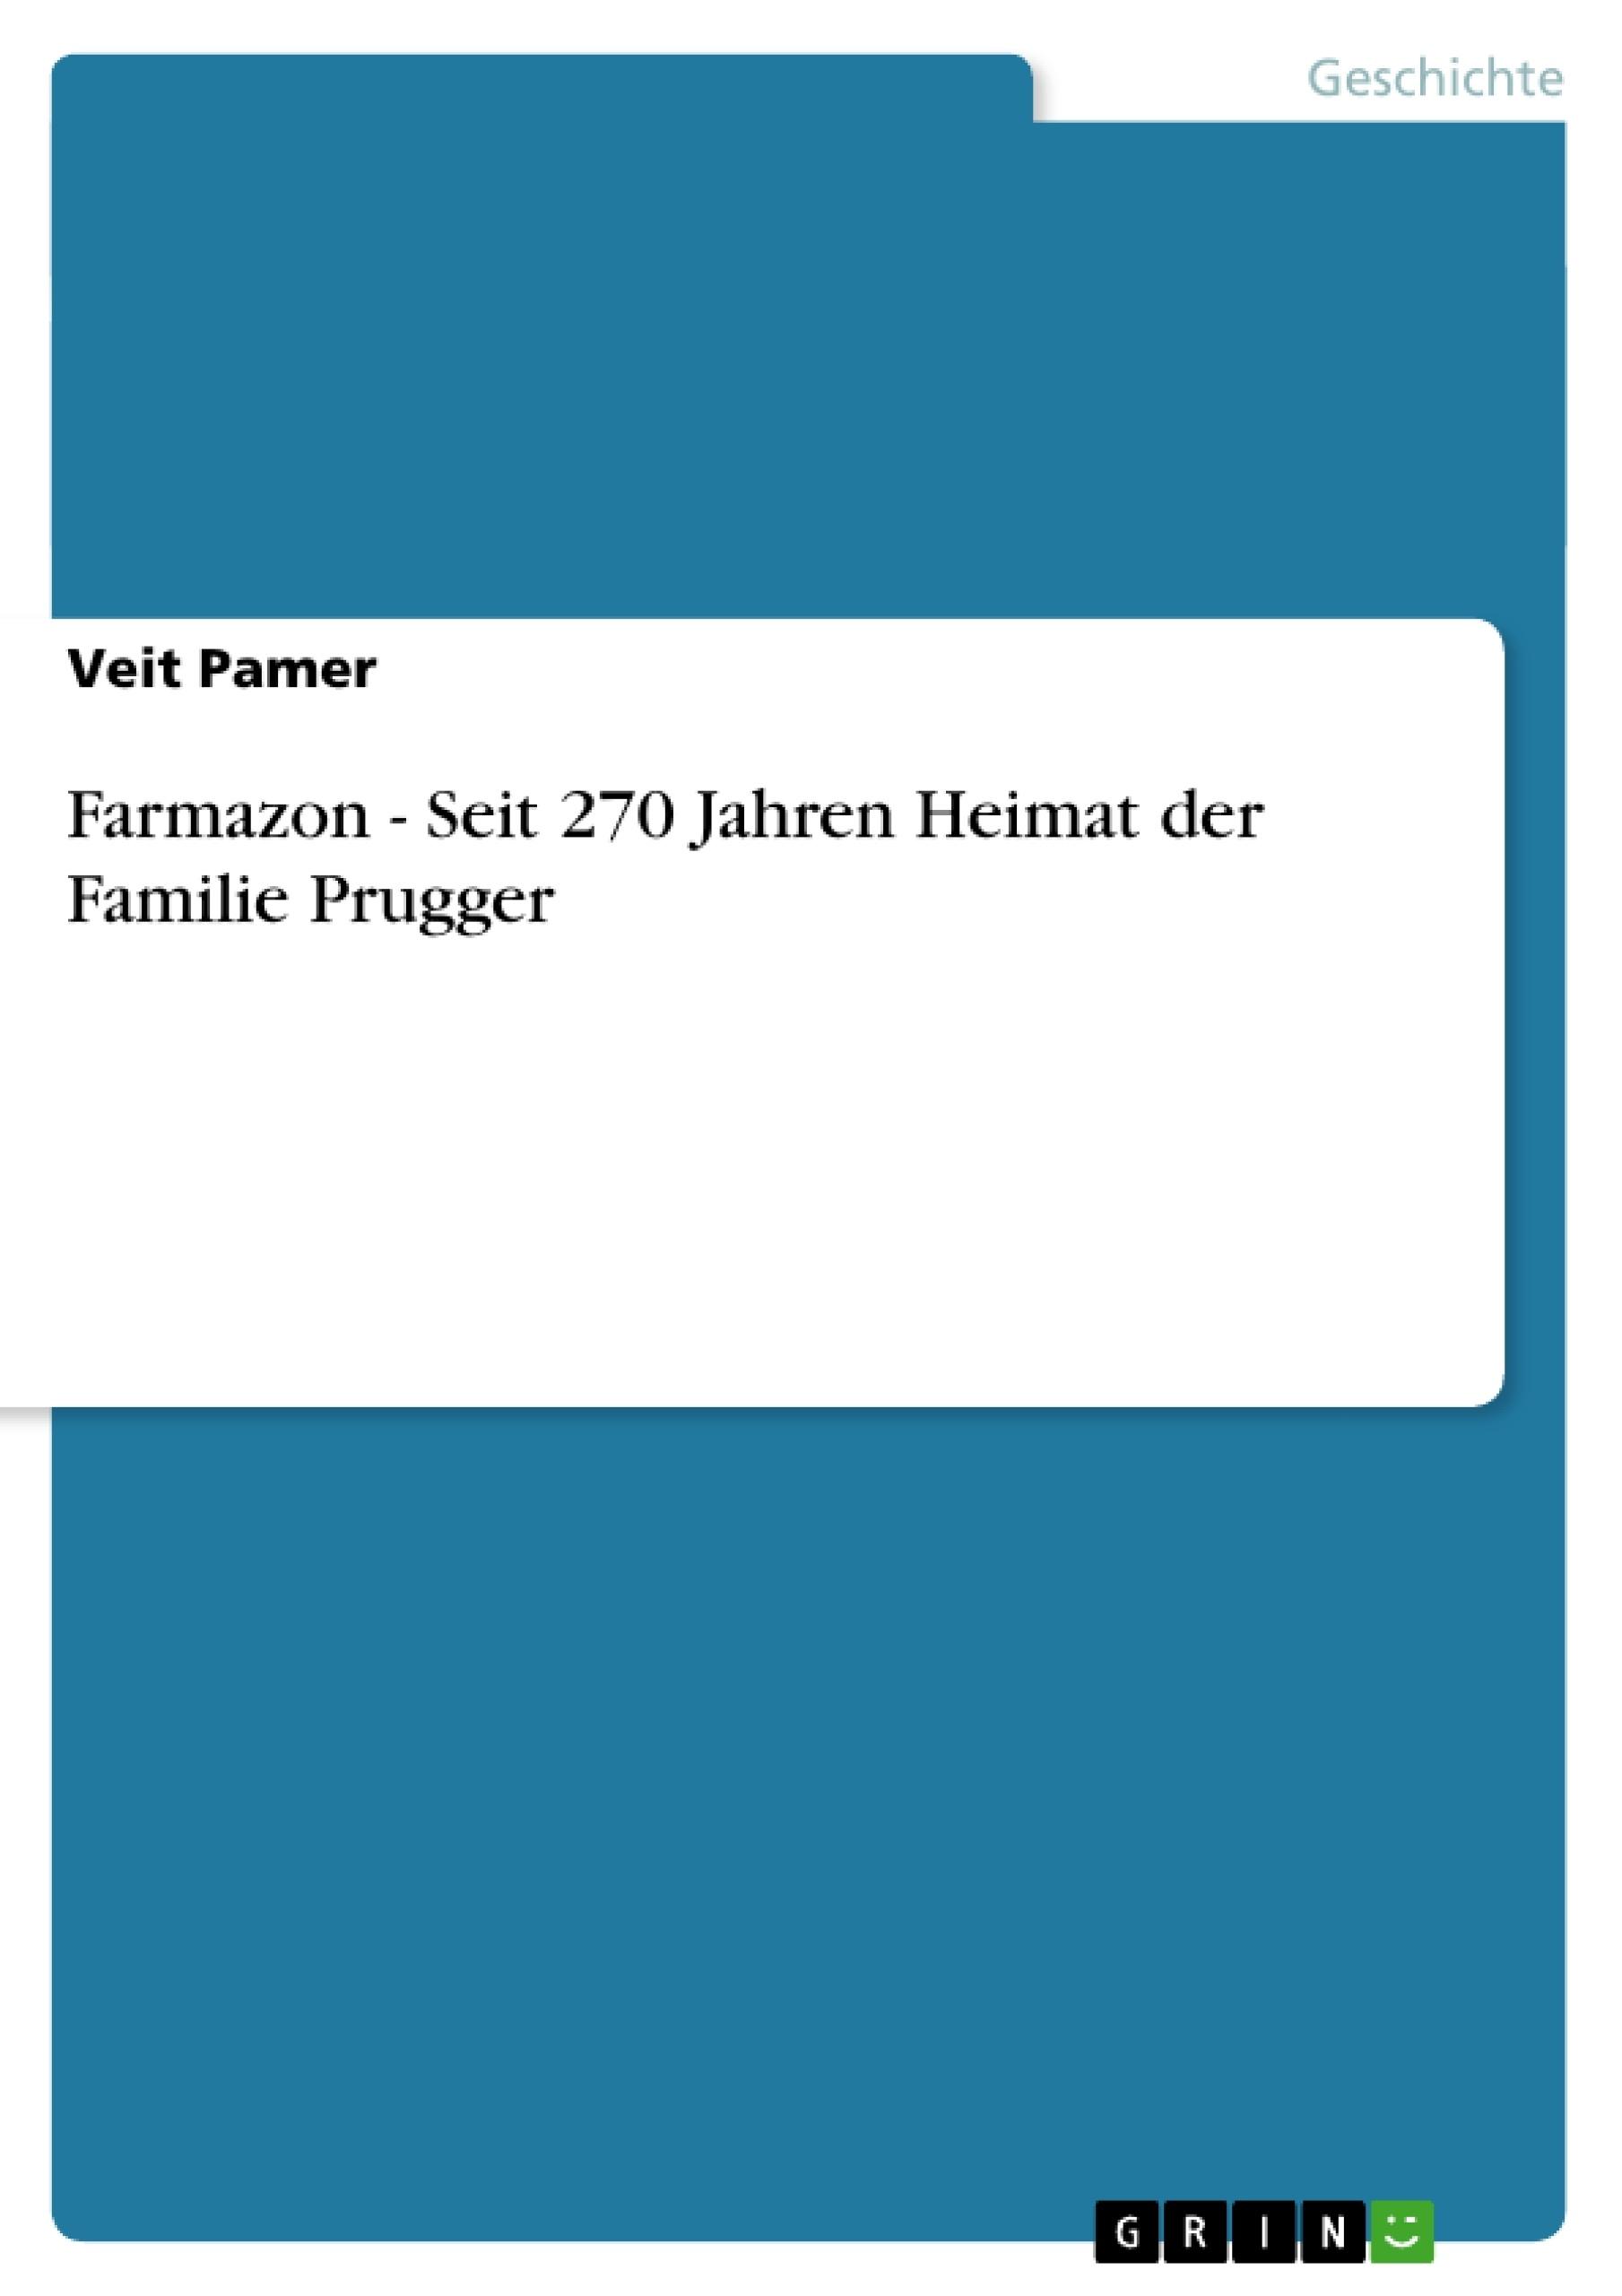 Farmazon - Seit 270 Jahren Heimat der Familie Prugger   Hausarbeiten ...